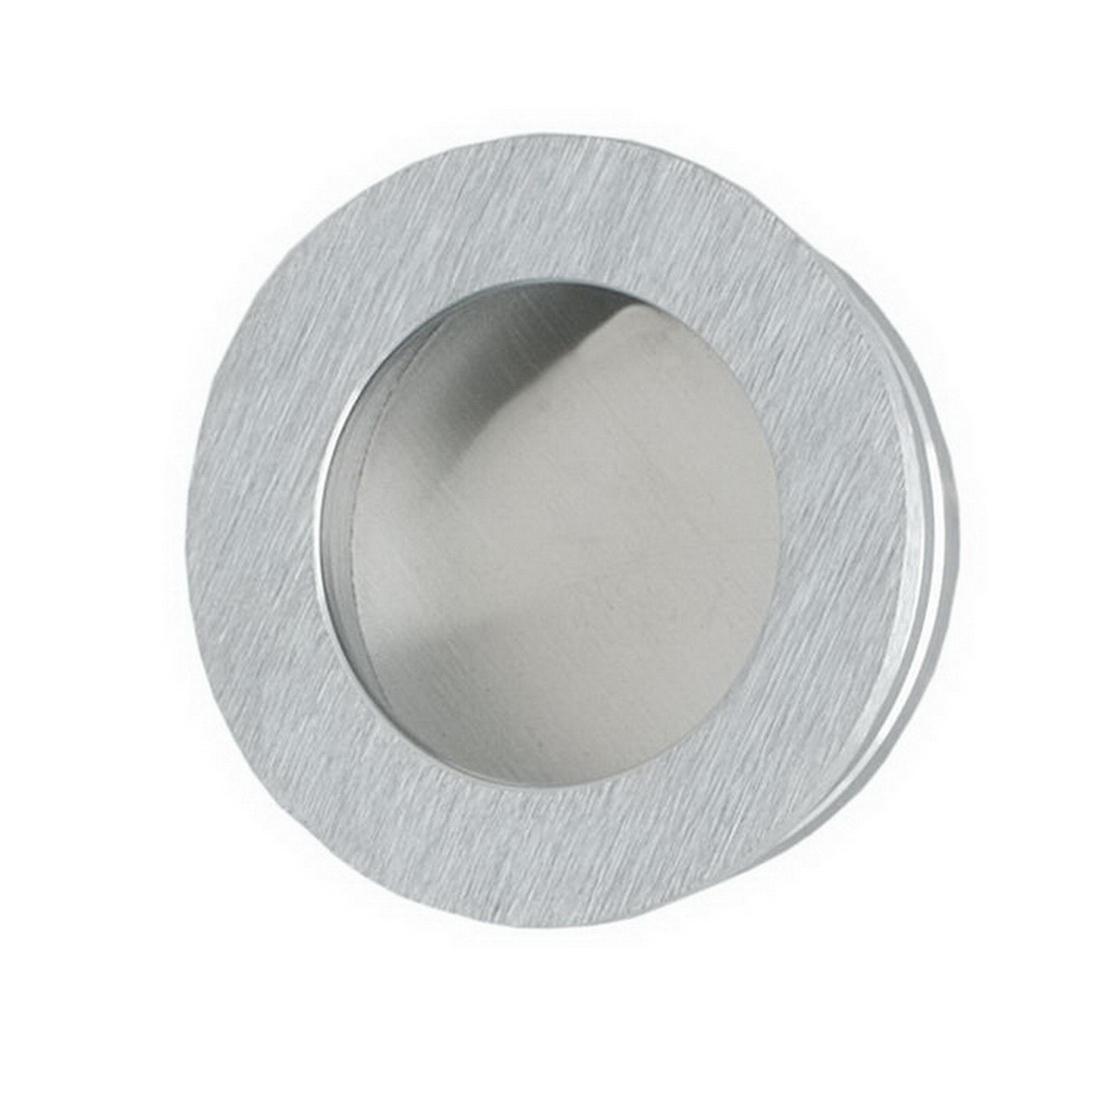 Round Flush Finger Pull 40mm Satin Chrome 744SC40